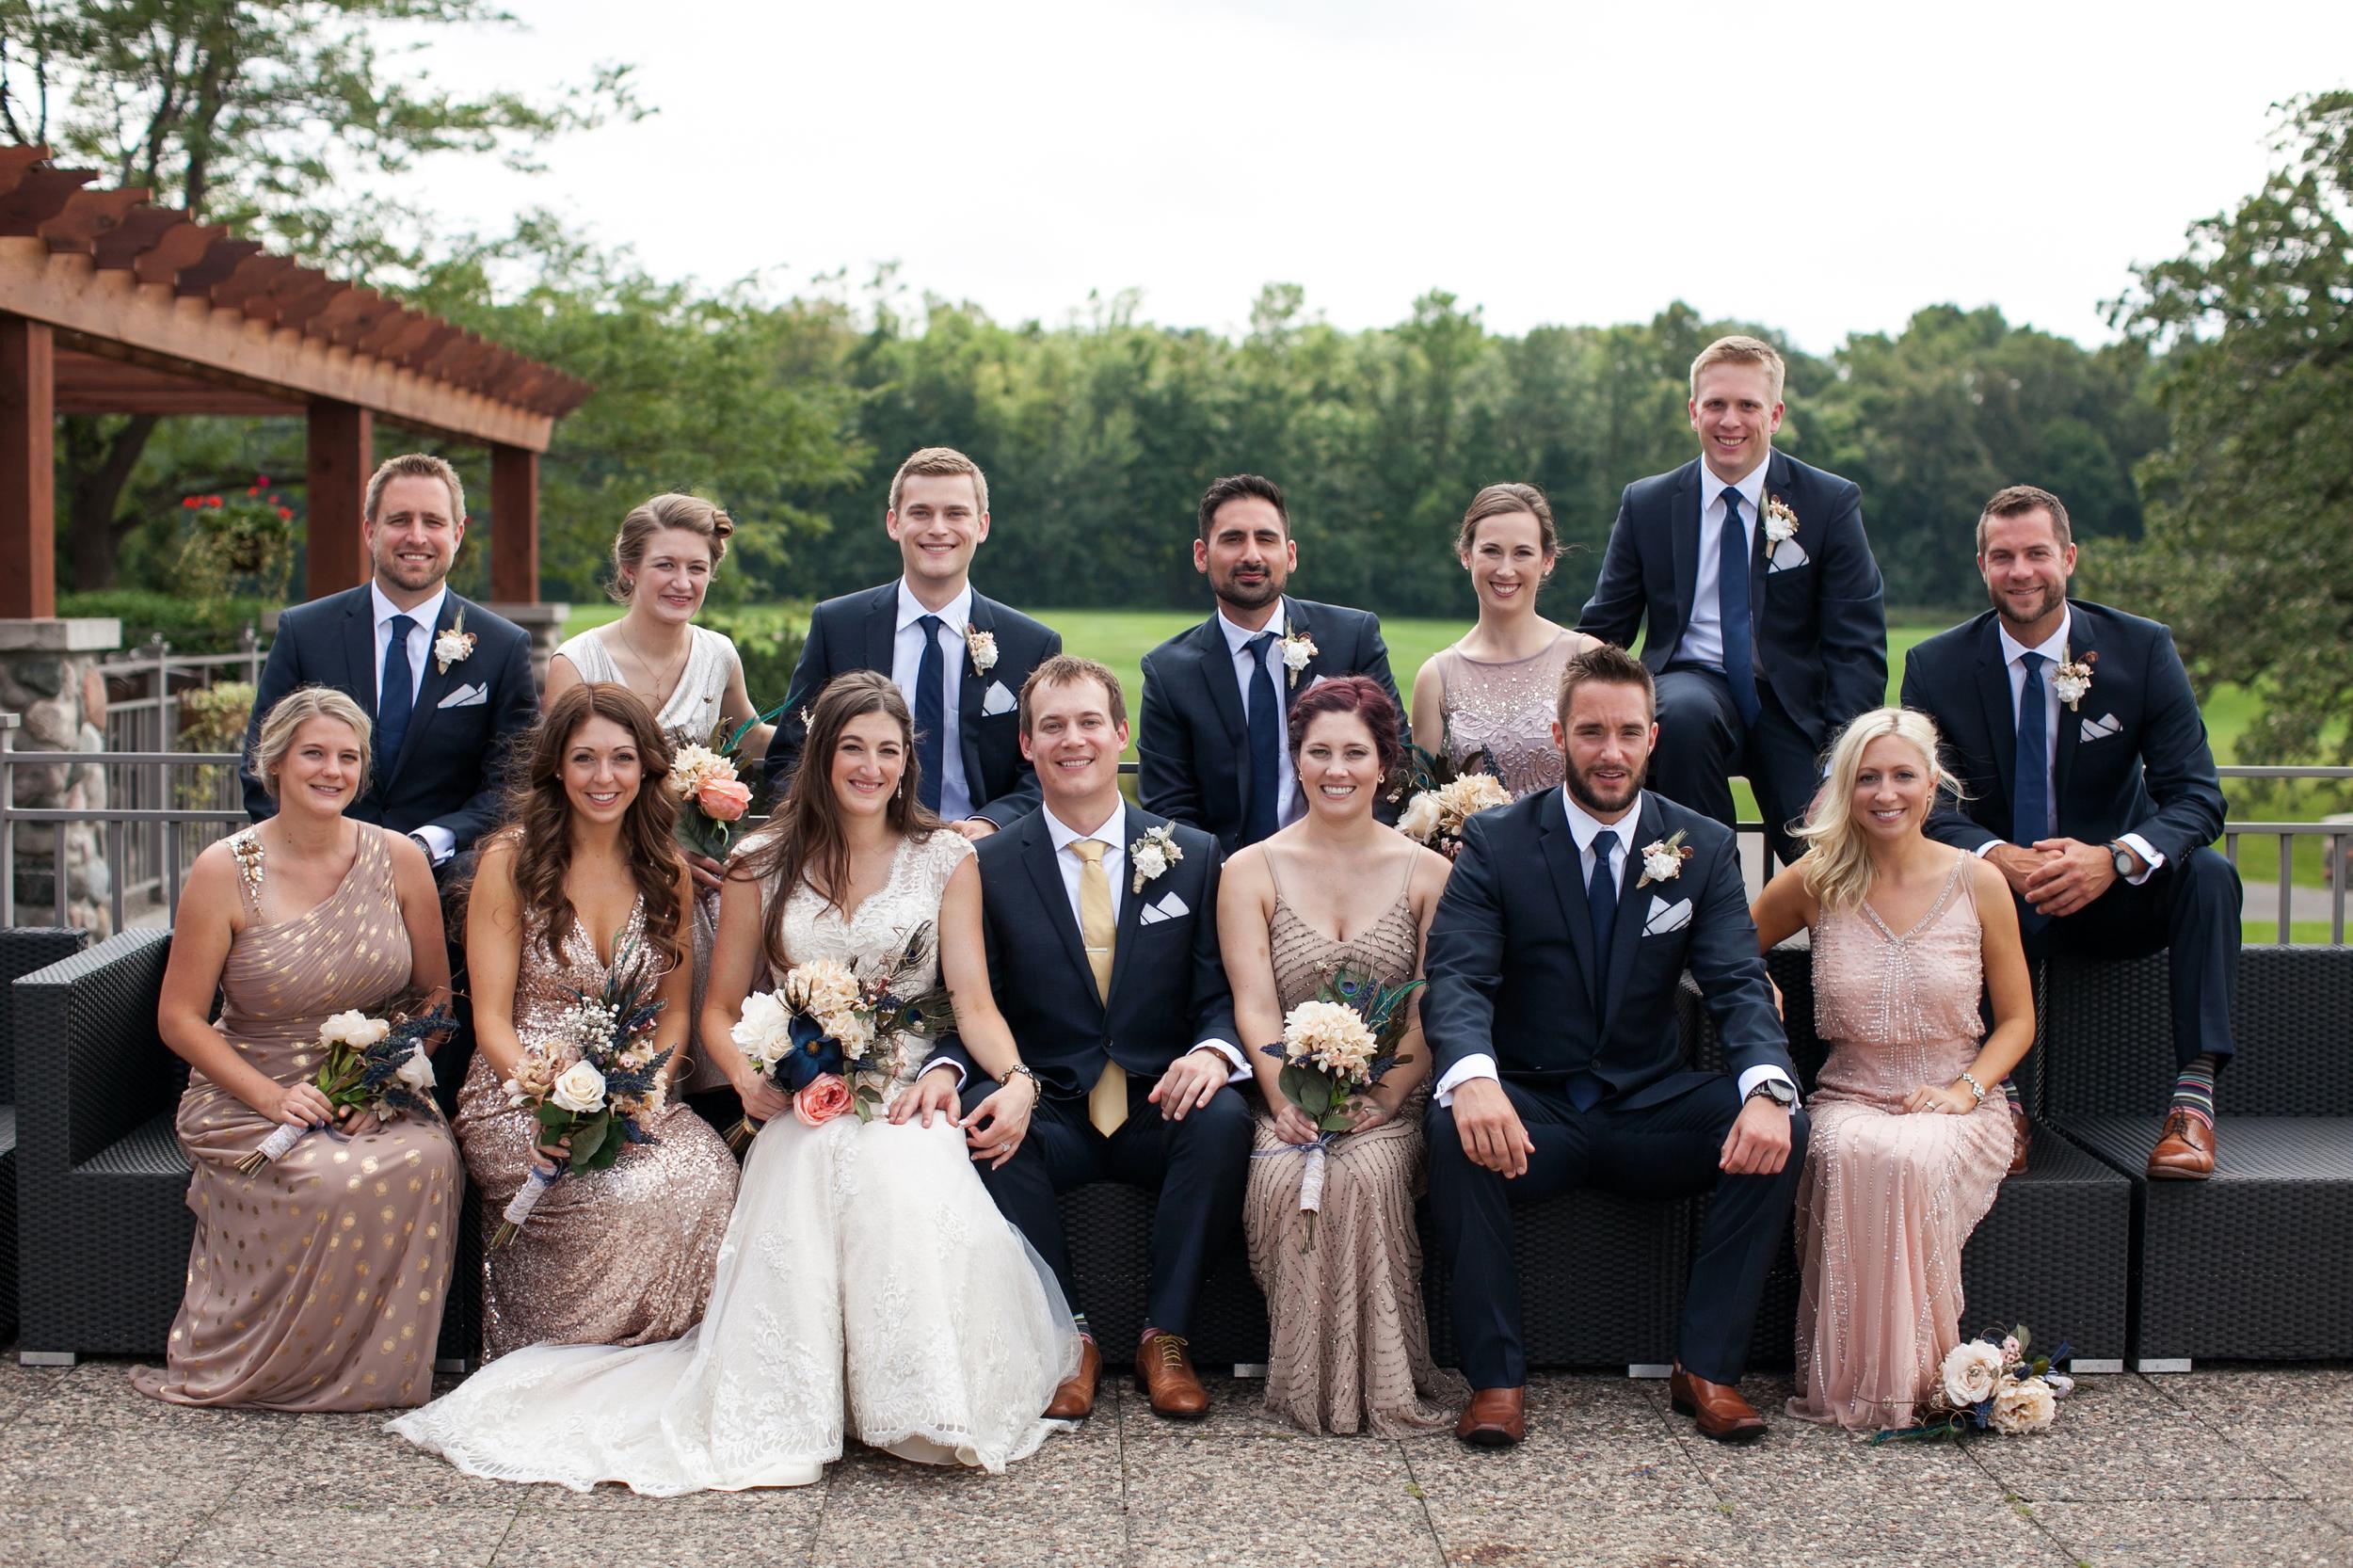 WeddingParty08web.jpg